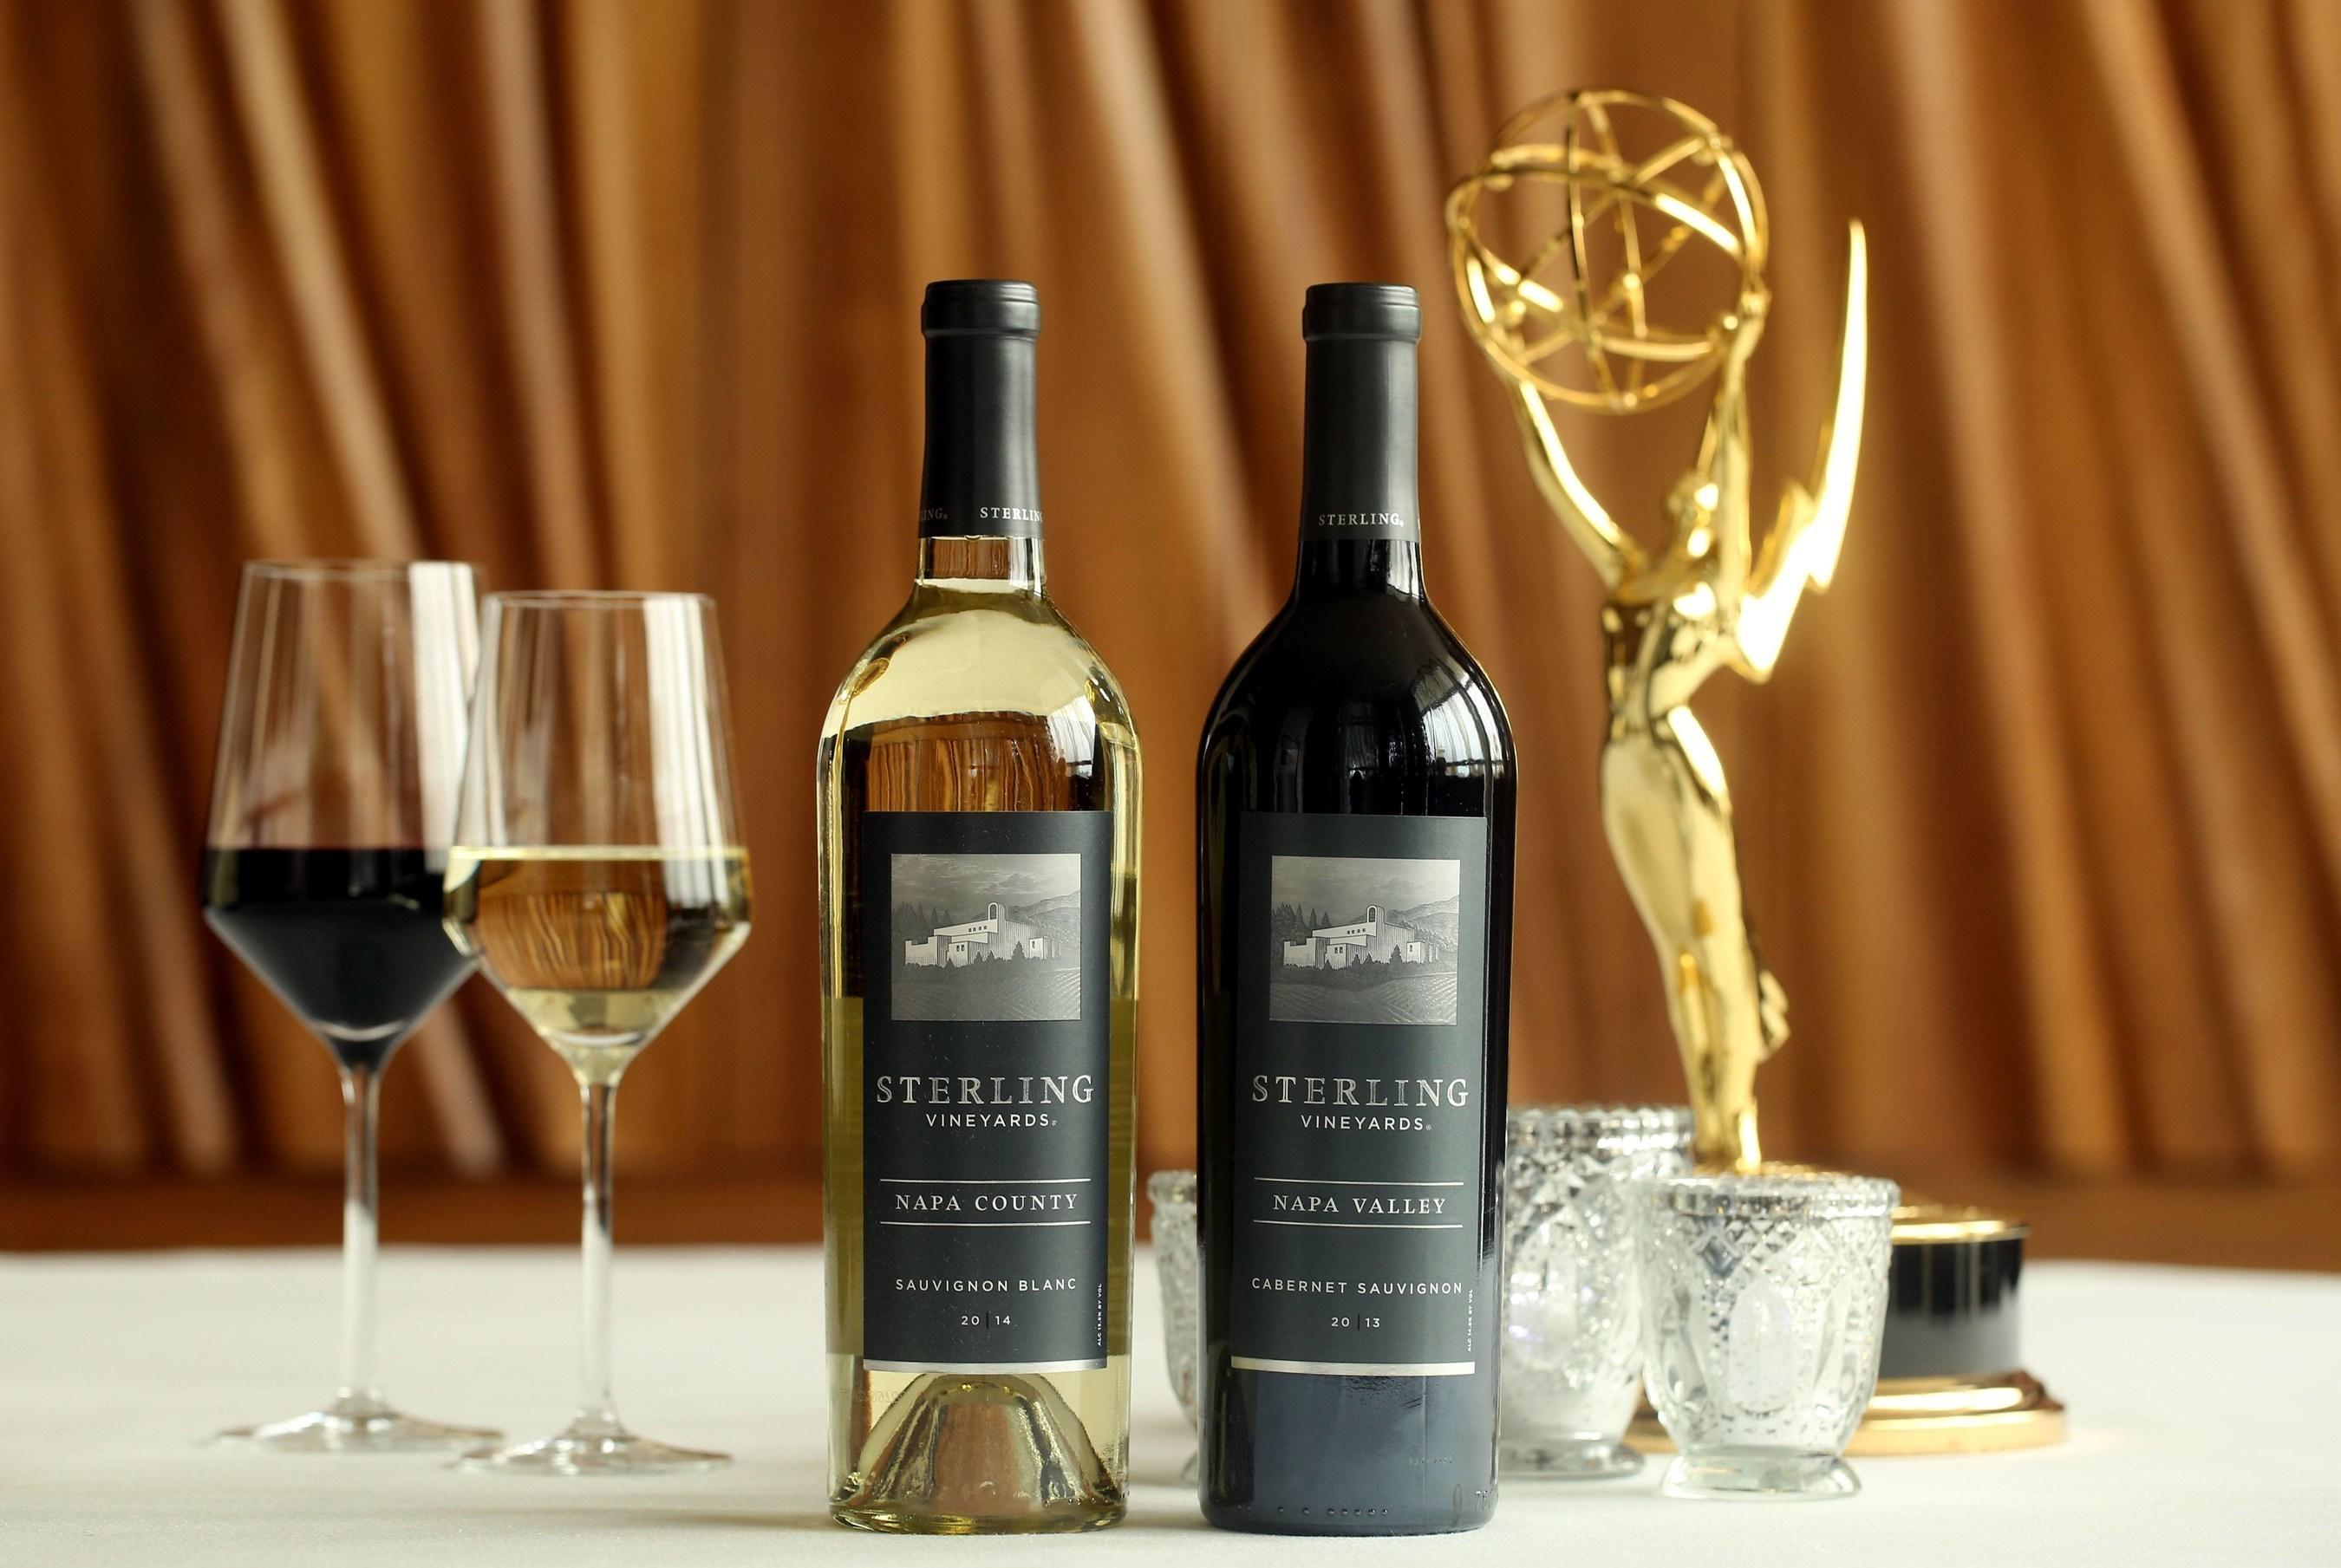 Sterling VineyardsTo Sponsor Emmy Awards